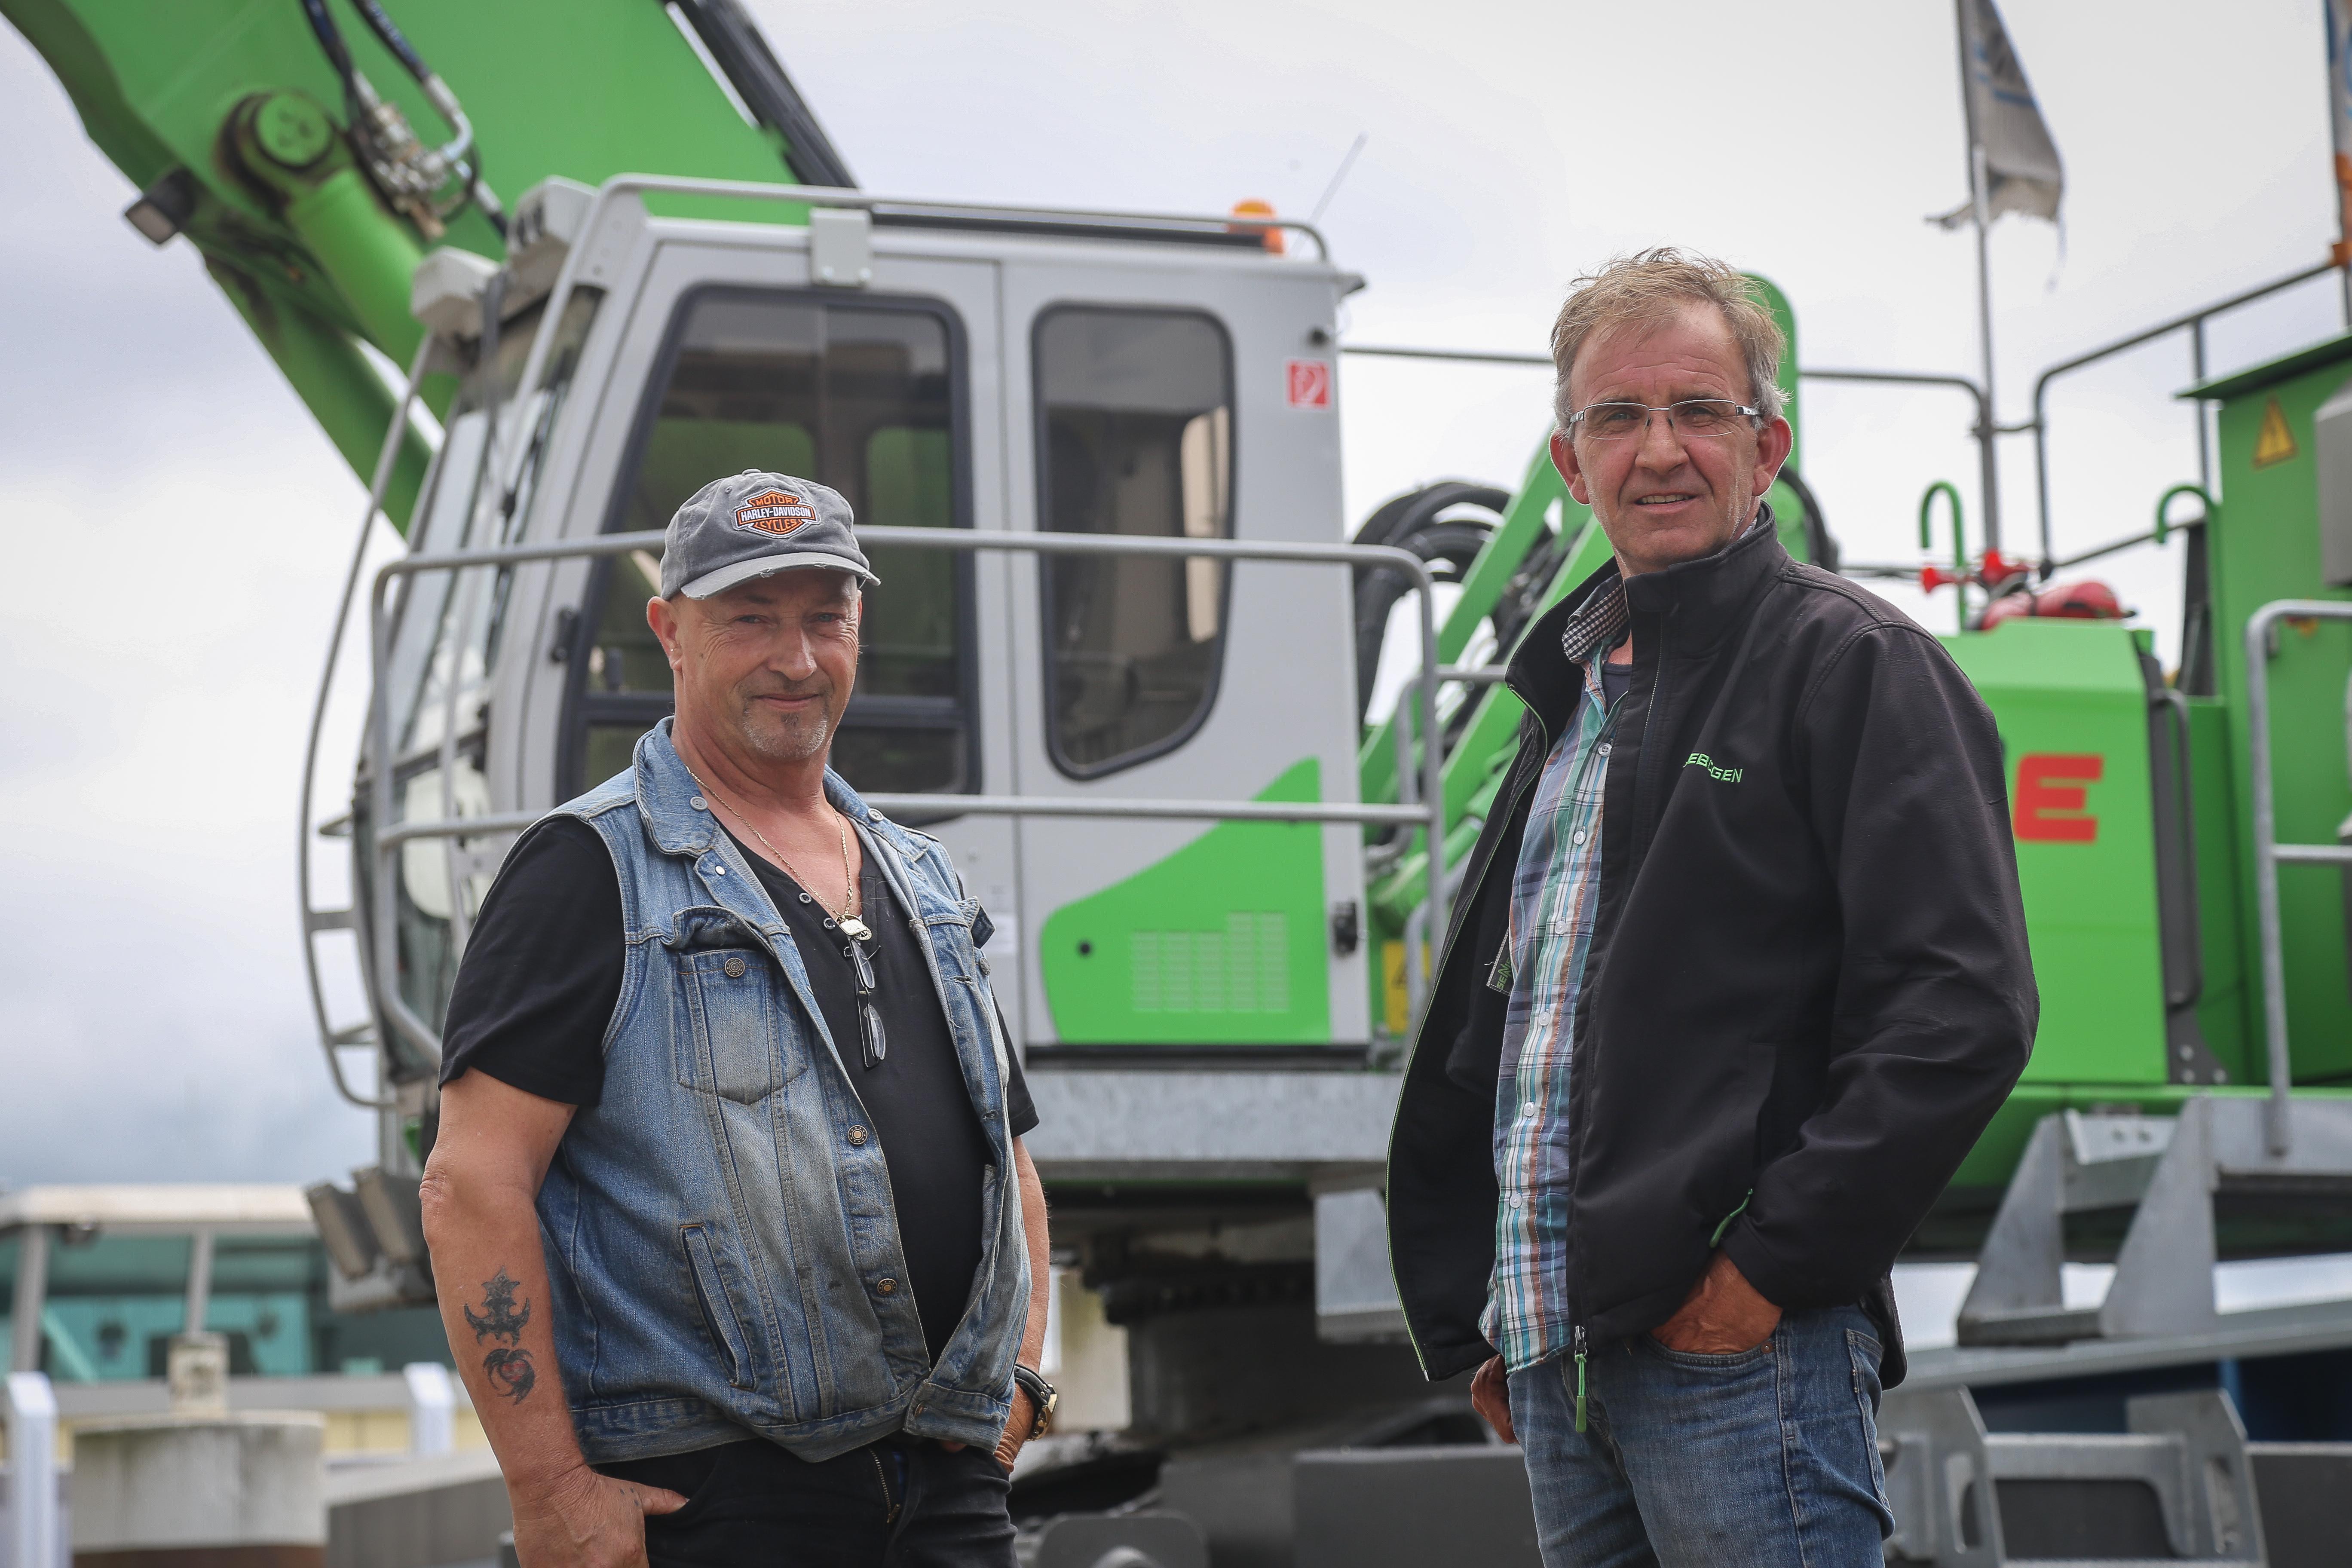 <p>RinusFrieswijken Jaap van Soest bij'hun'machine. Dankzij de ploegendienst vliegen de uren op de teller, die binnen twee jaar de 10.000 passeerde.</p>